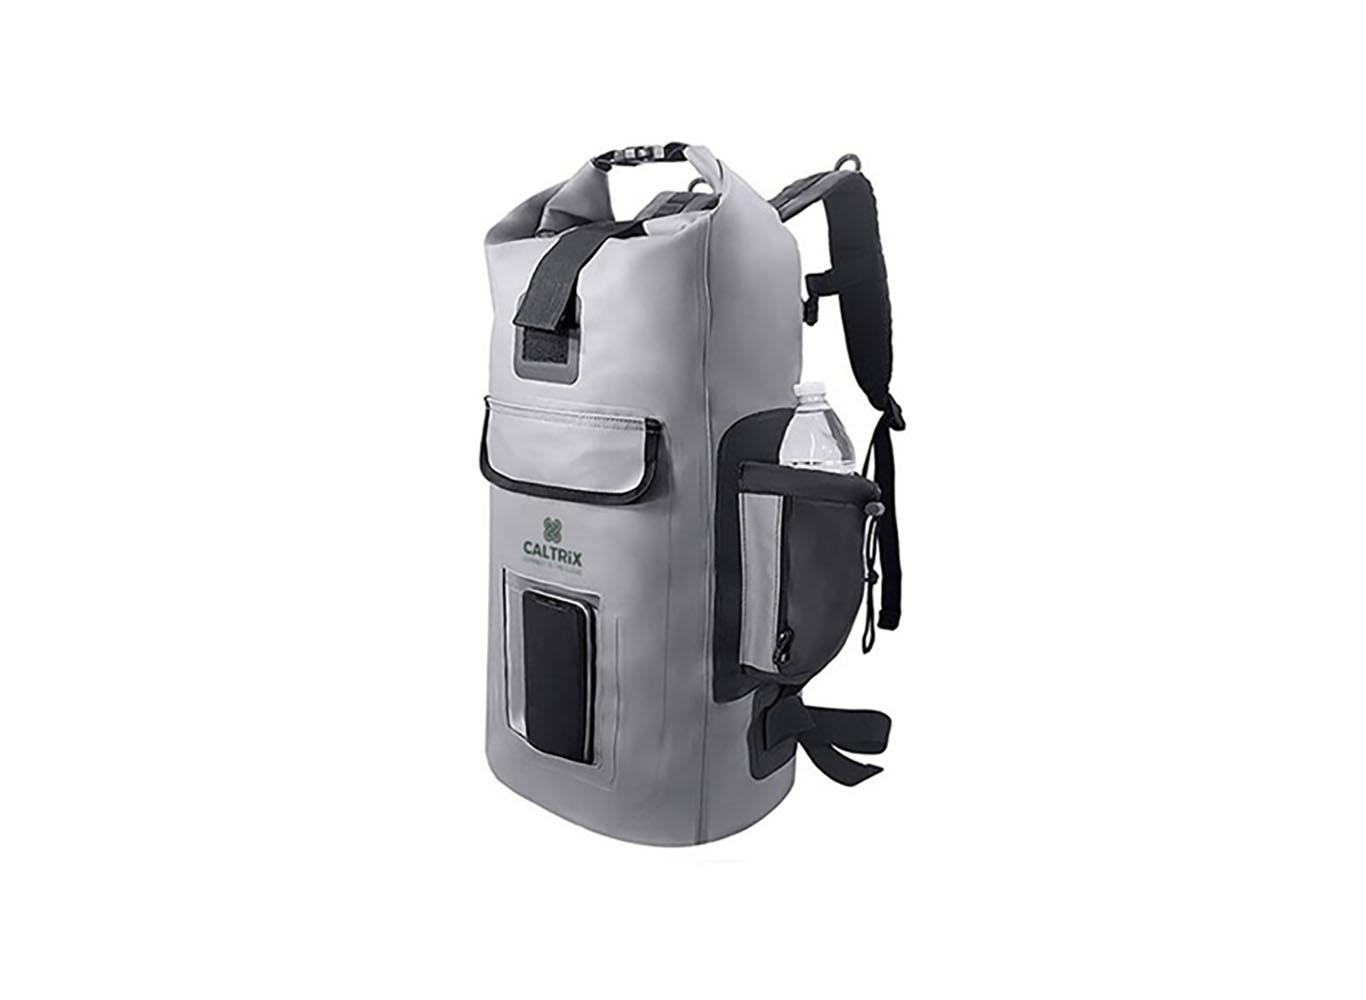 RPET Waterproof Dry Bag